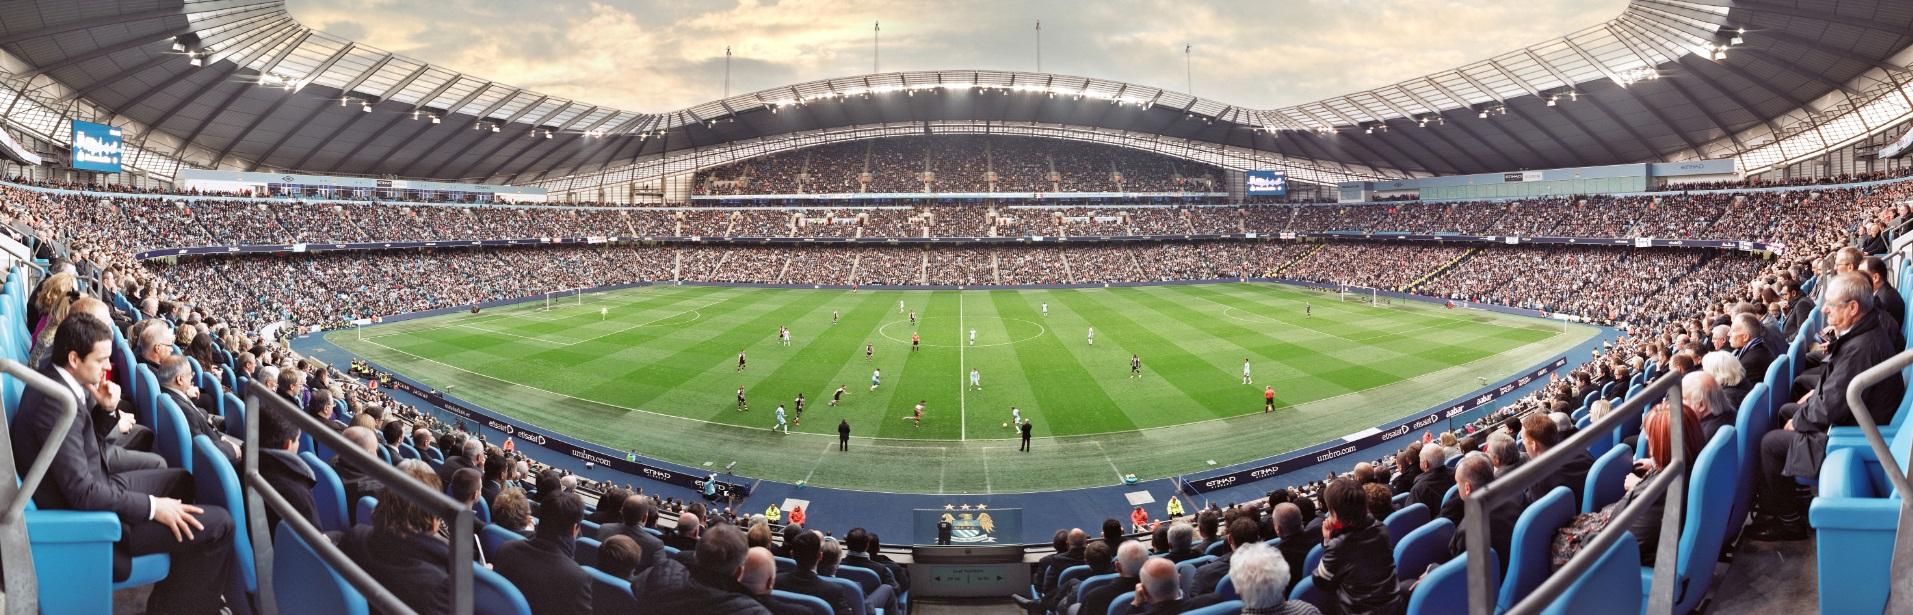 Etihad_Stadium_2